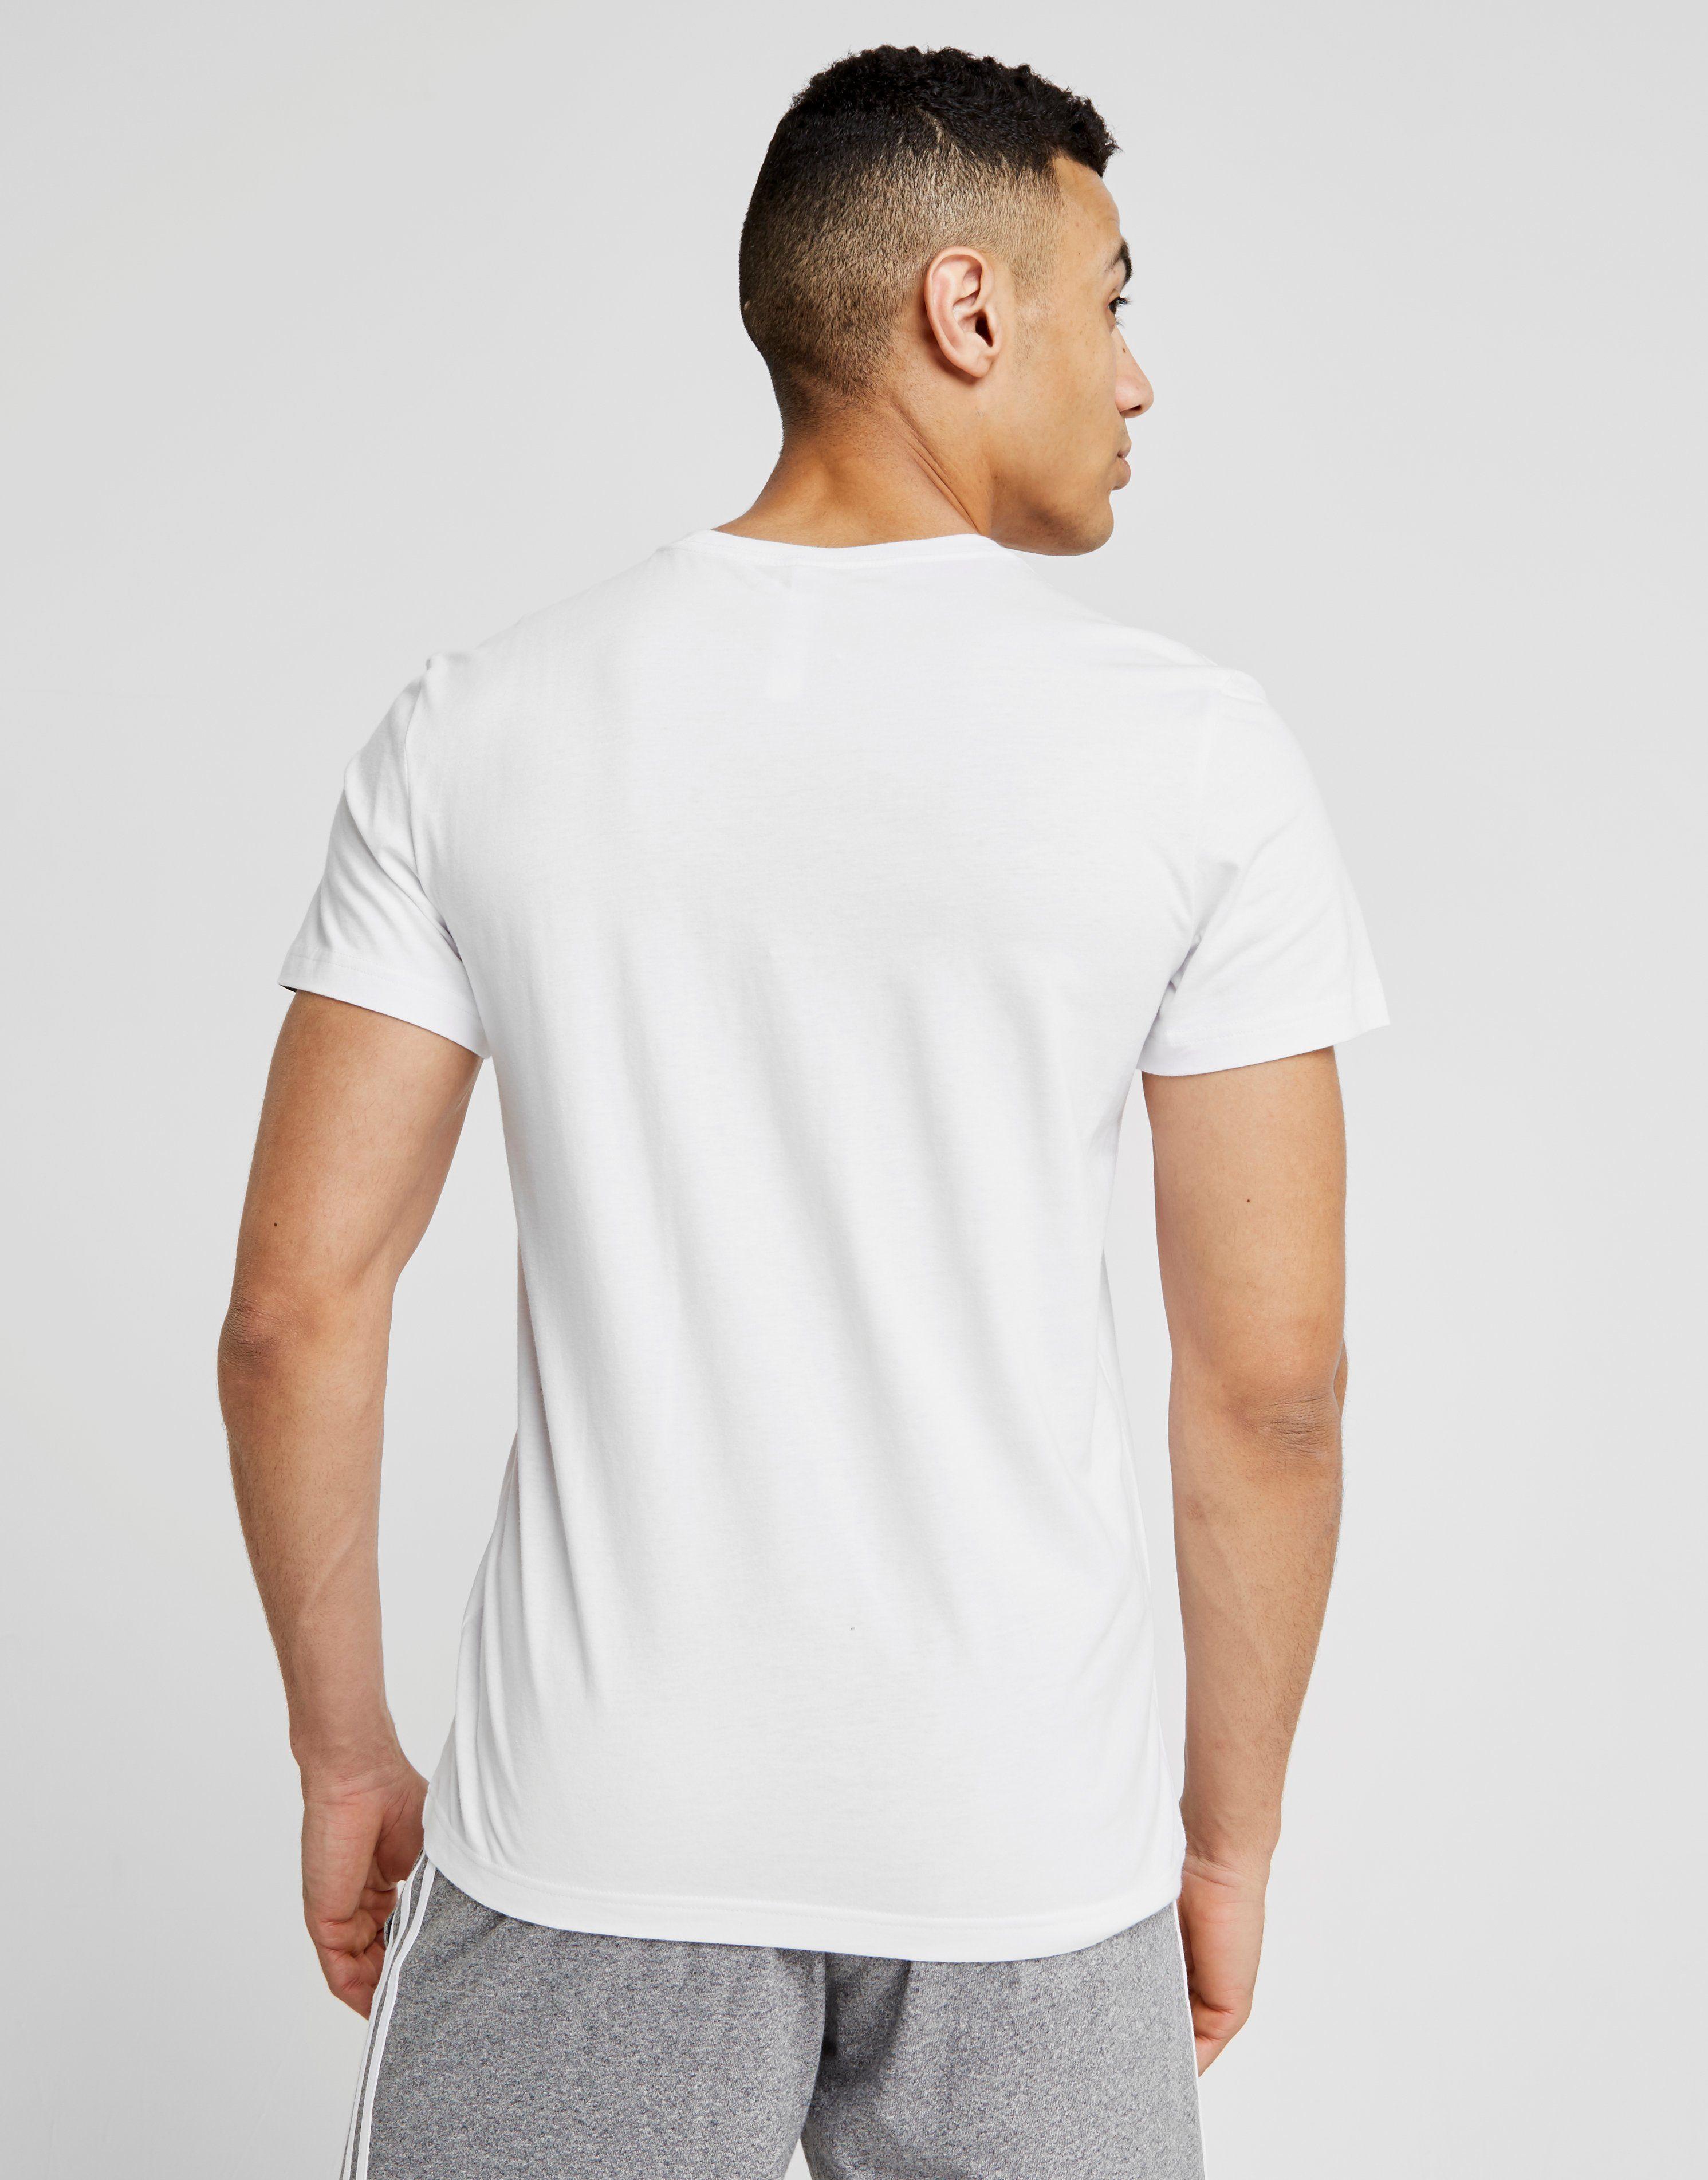 adidas Camo Box T-Shirt Weiß Weiss